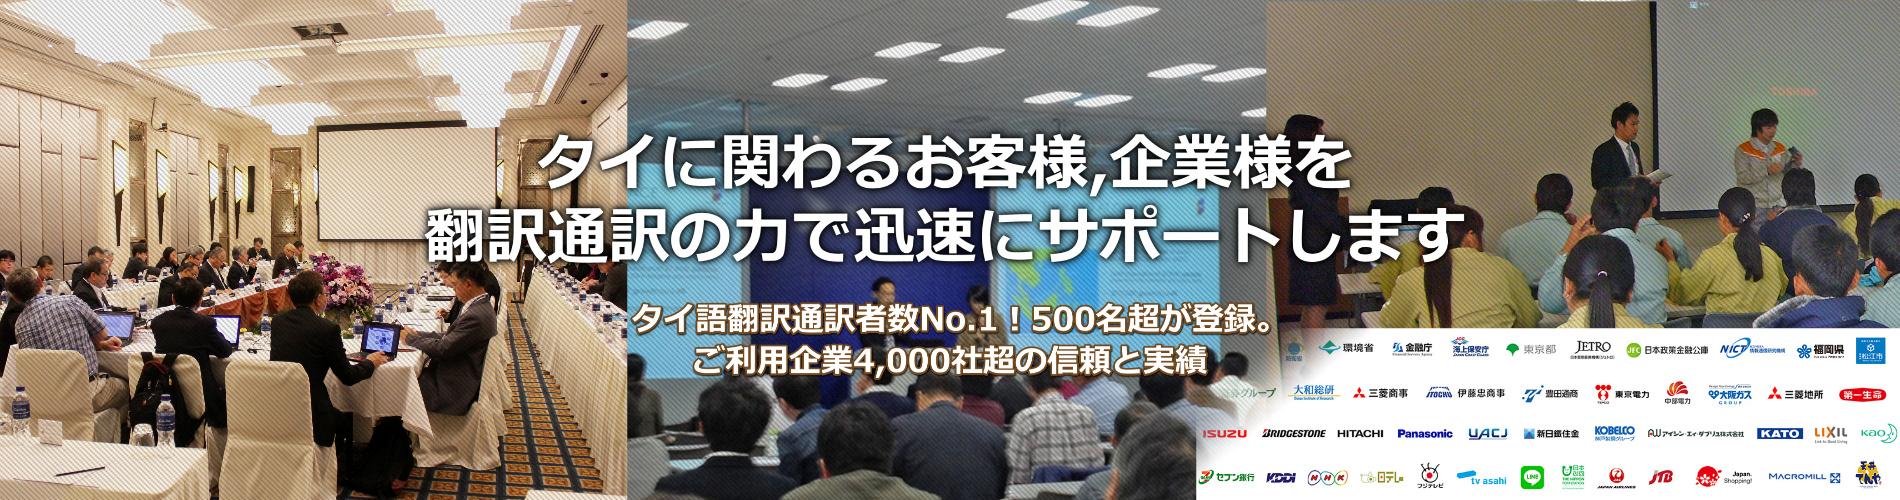 タイ語翻訳通訳トップ